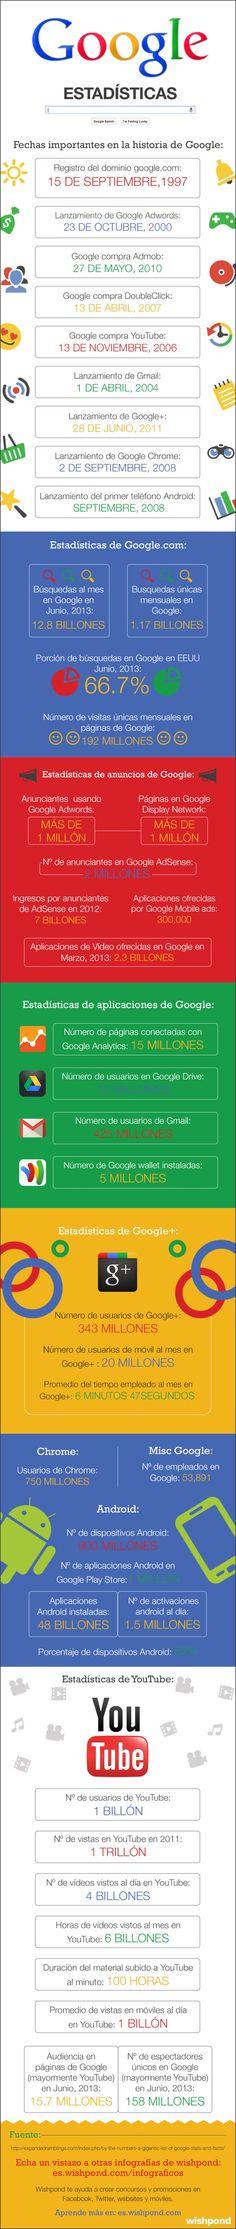 Google: estadísticas impresionantes #infografia #infographic